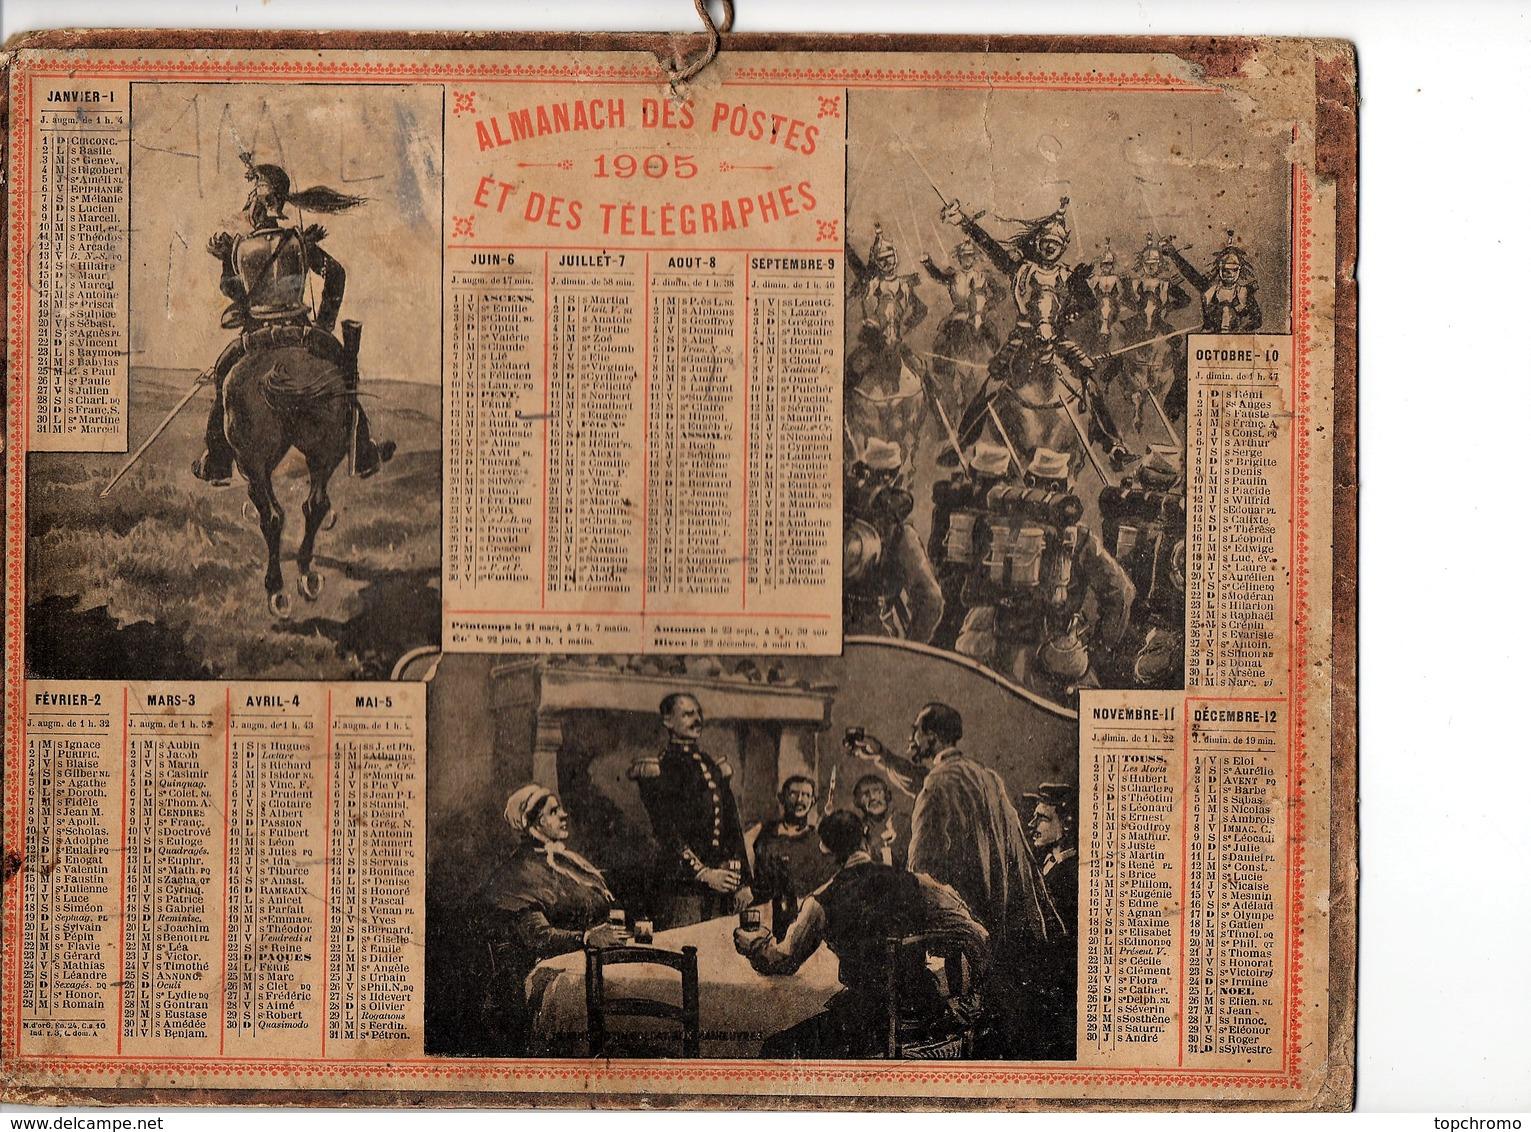 Calendrier Almanach Des Postes Et Télégraphes 1905 Oberthur Militaires Militaria - Calendari